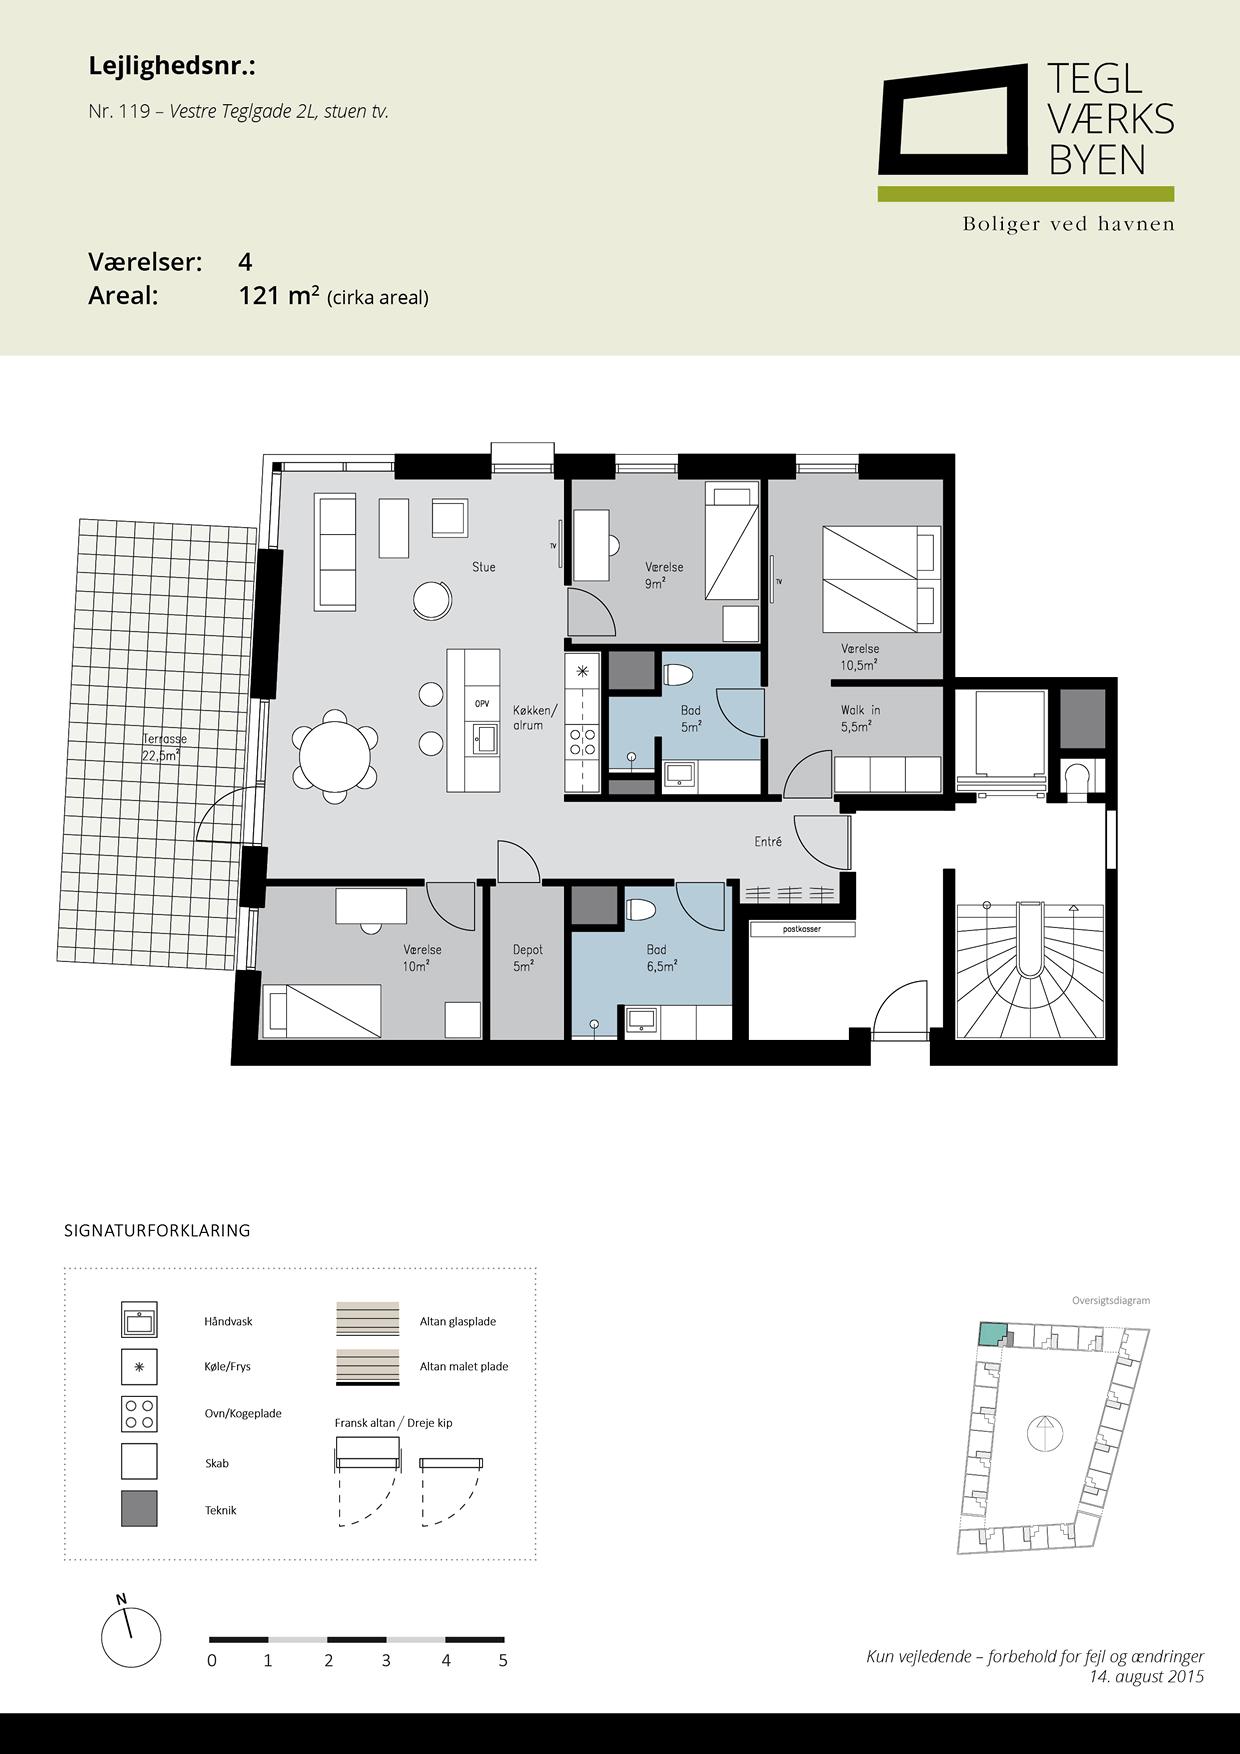 Teglvaerksbyen_119_plan